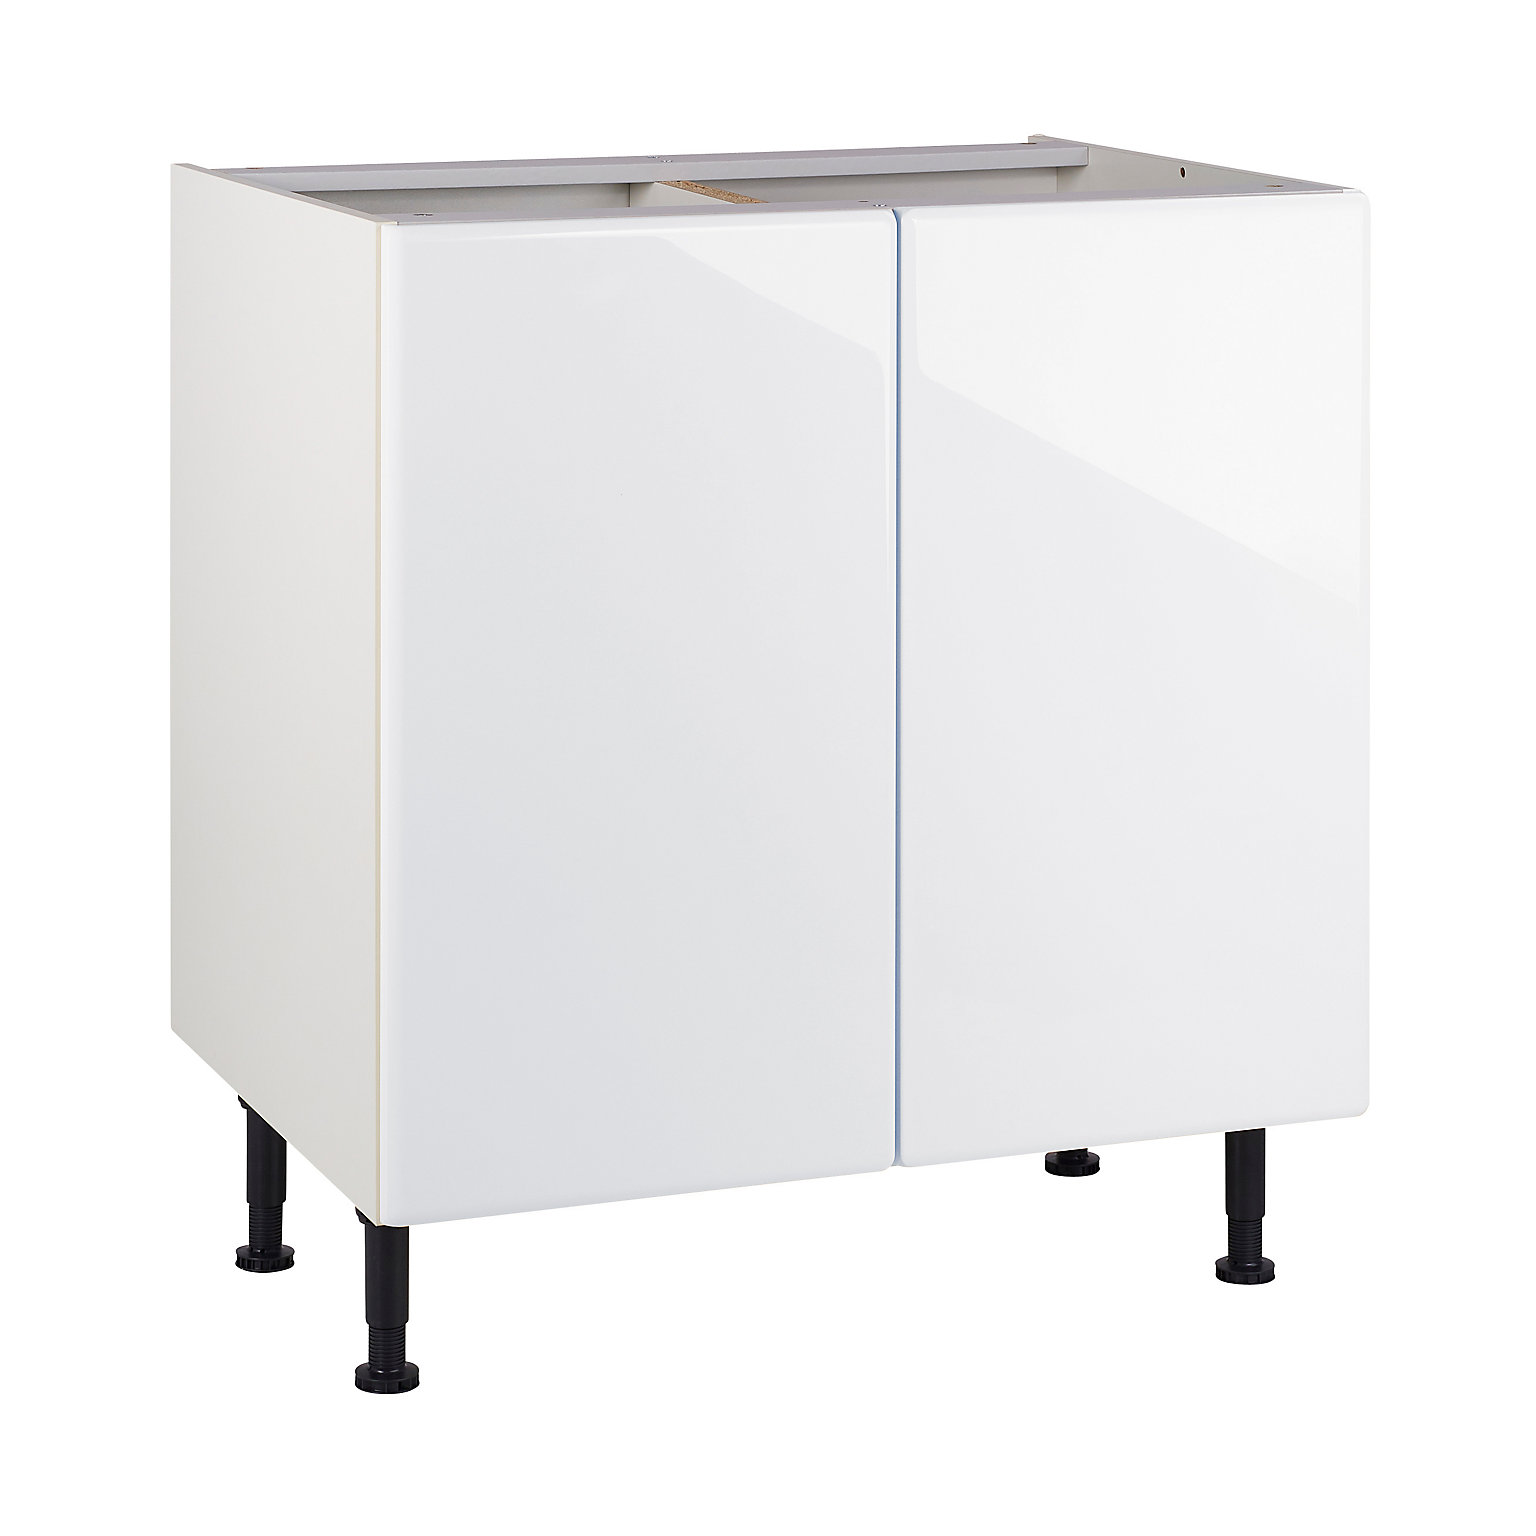 Meuble de cuisine Sixties blanc façades 12 portes + caisson bas L. 12 cm